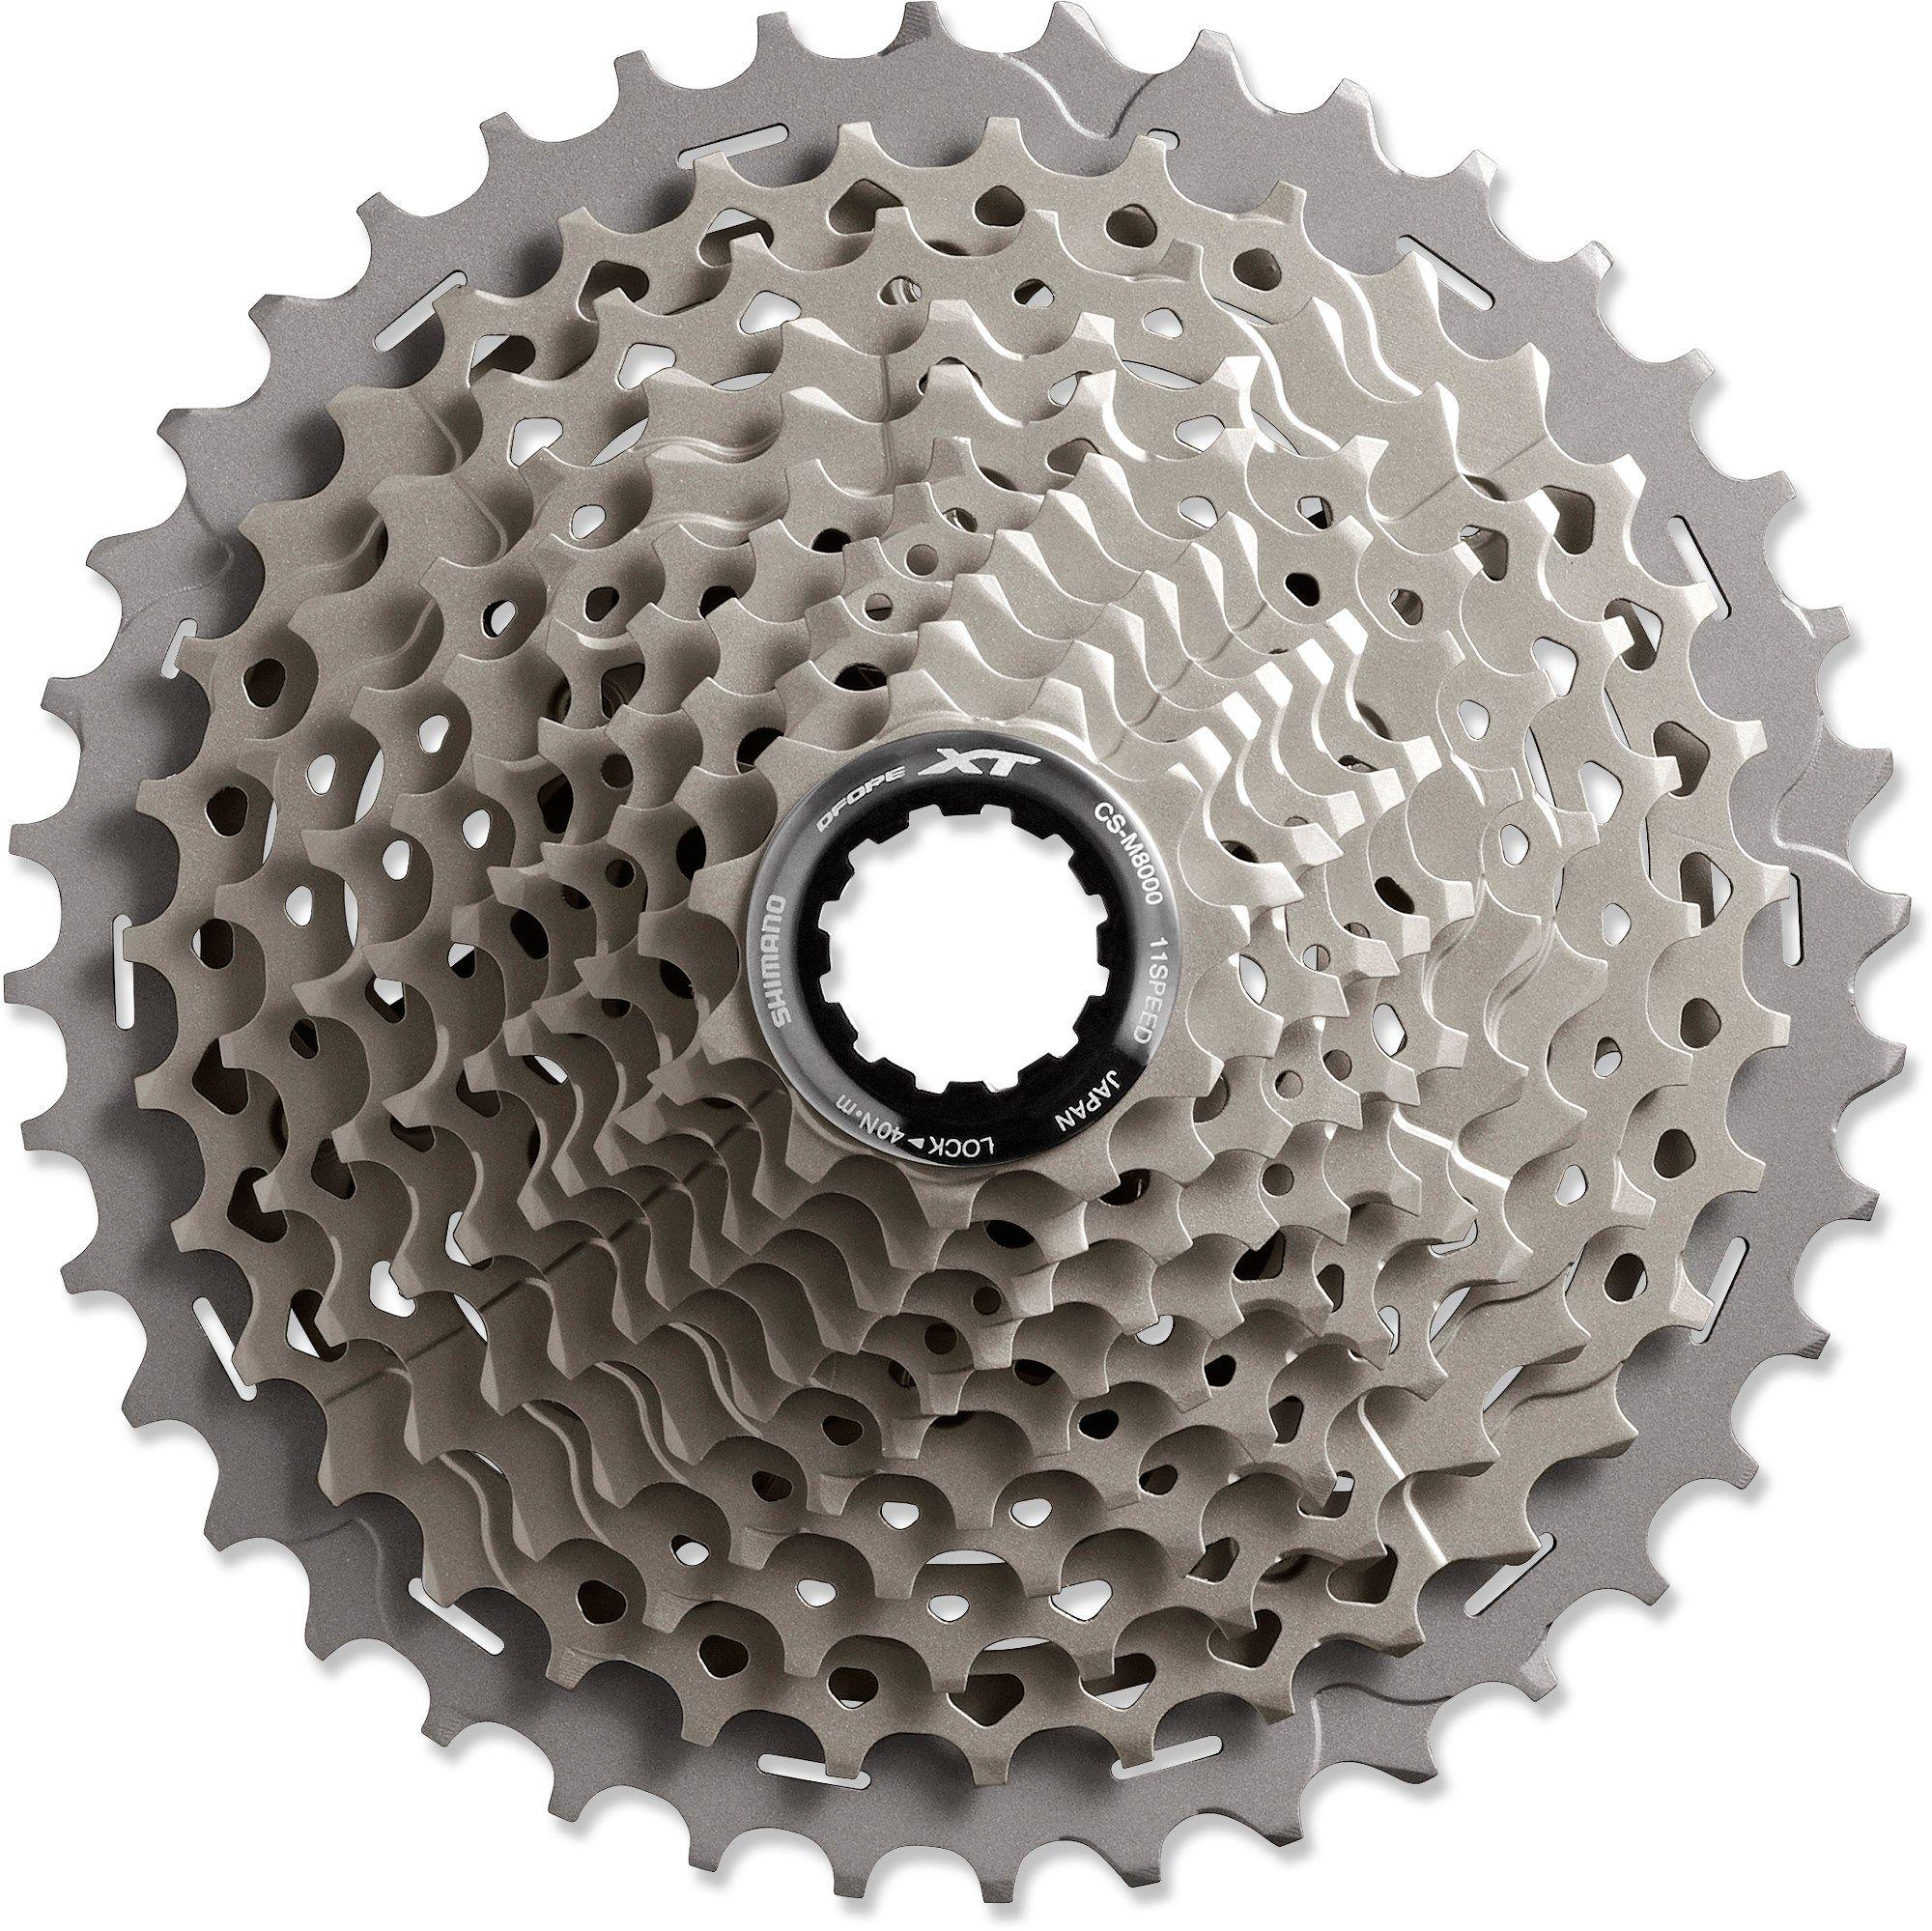 a61a3d59864 Cassette MICHE PRIMATO 11 SPEED ROAD BIKE CASSETTE-CAMPAGNOLO 12-27 Ricambi  biciclette